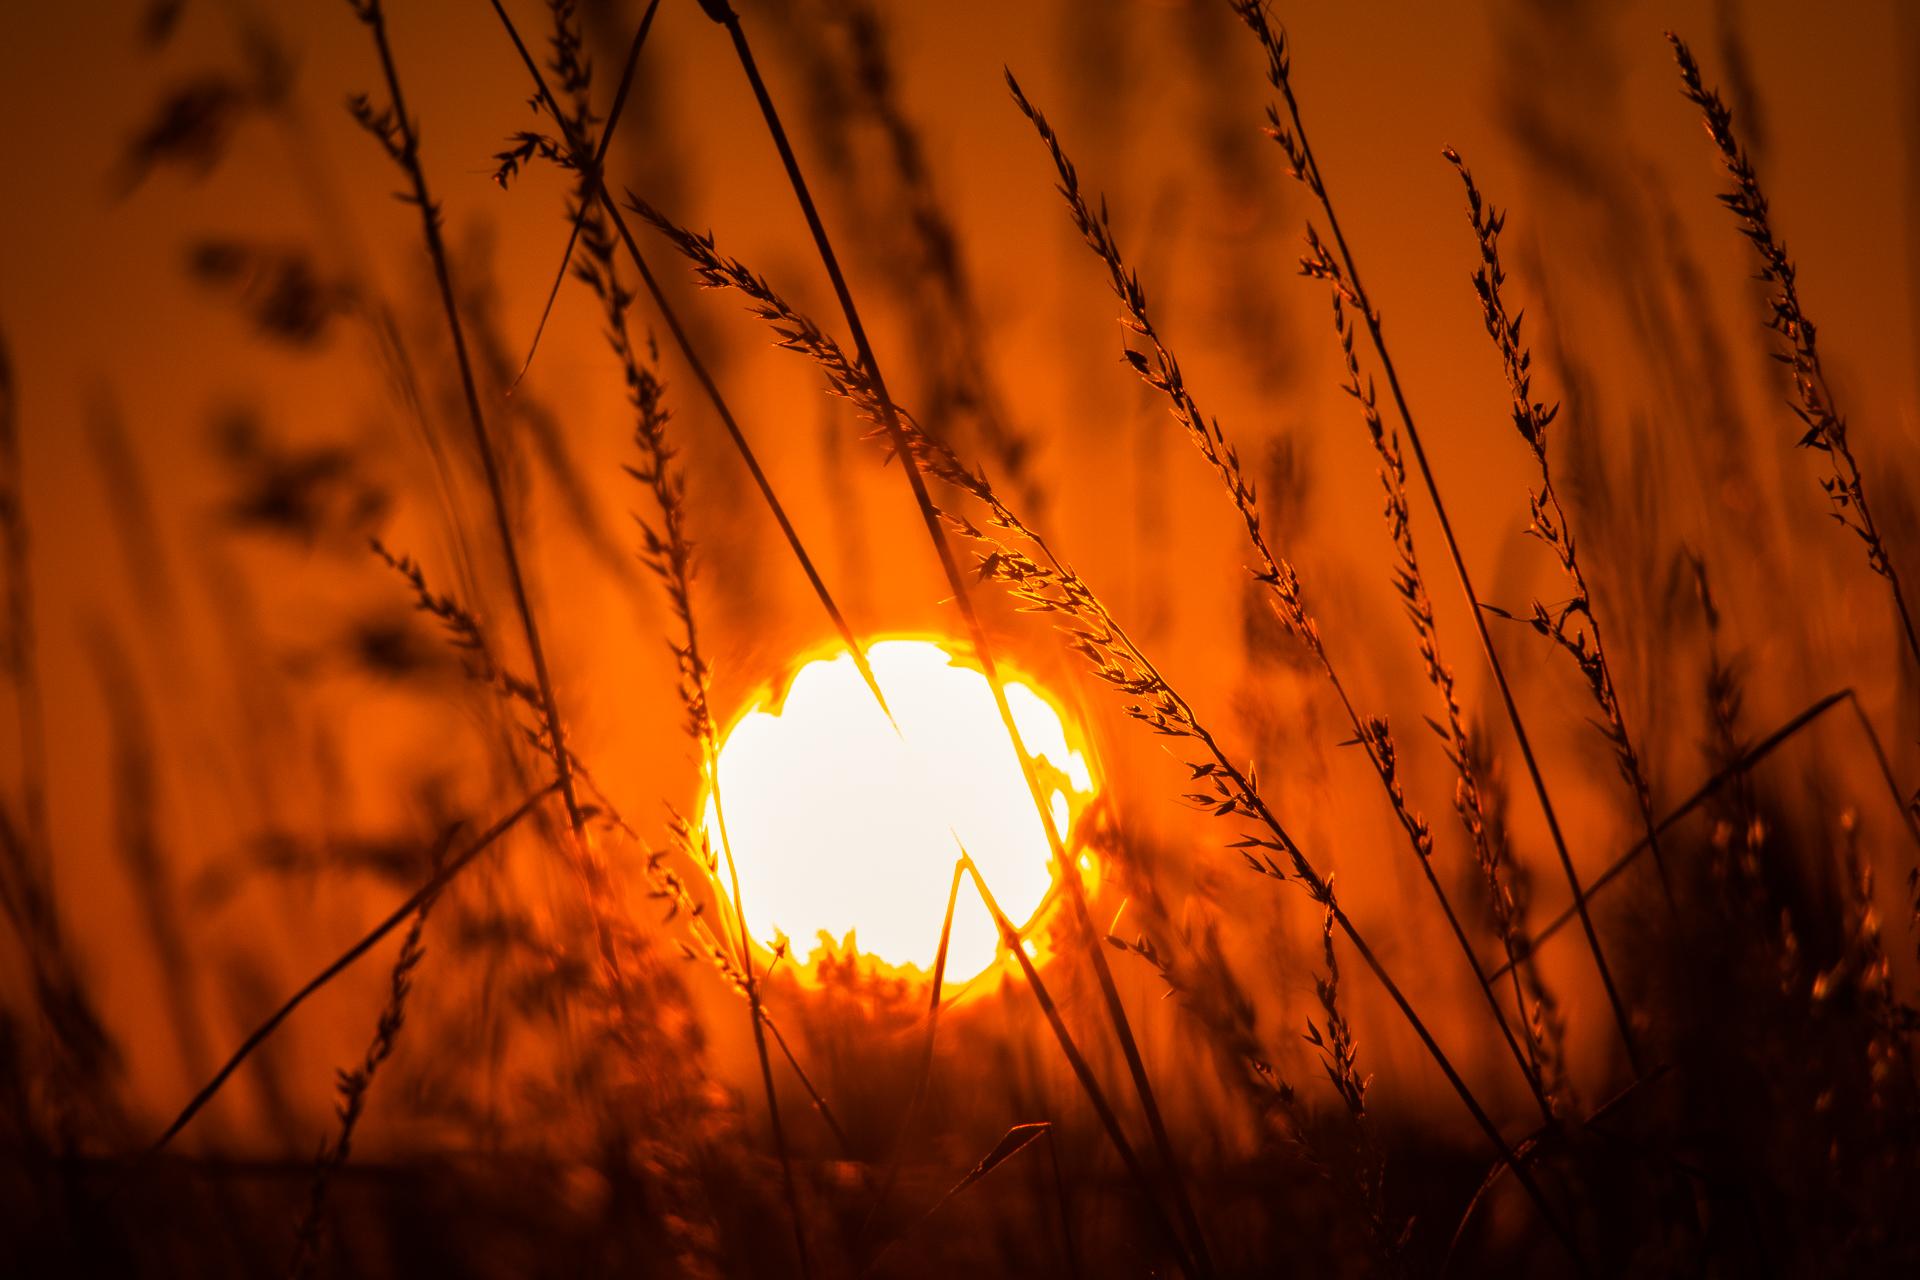 Die glühende Sonne vor dünnen Grashalmen im rot-orangen Gegenlicht.